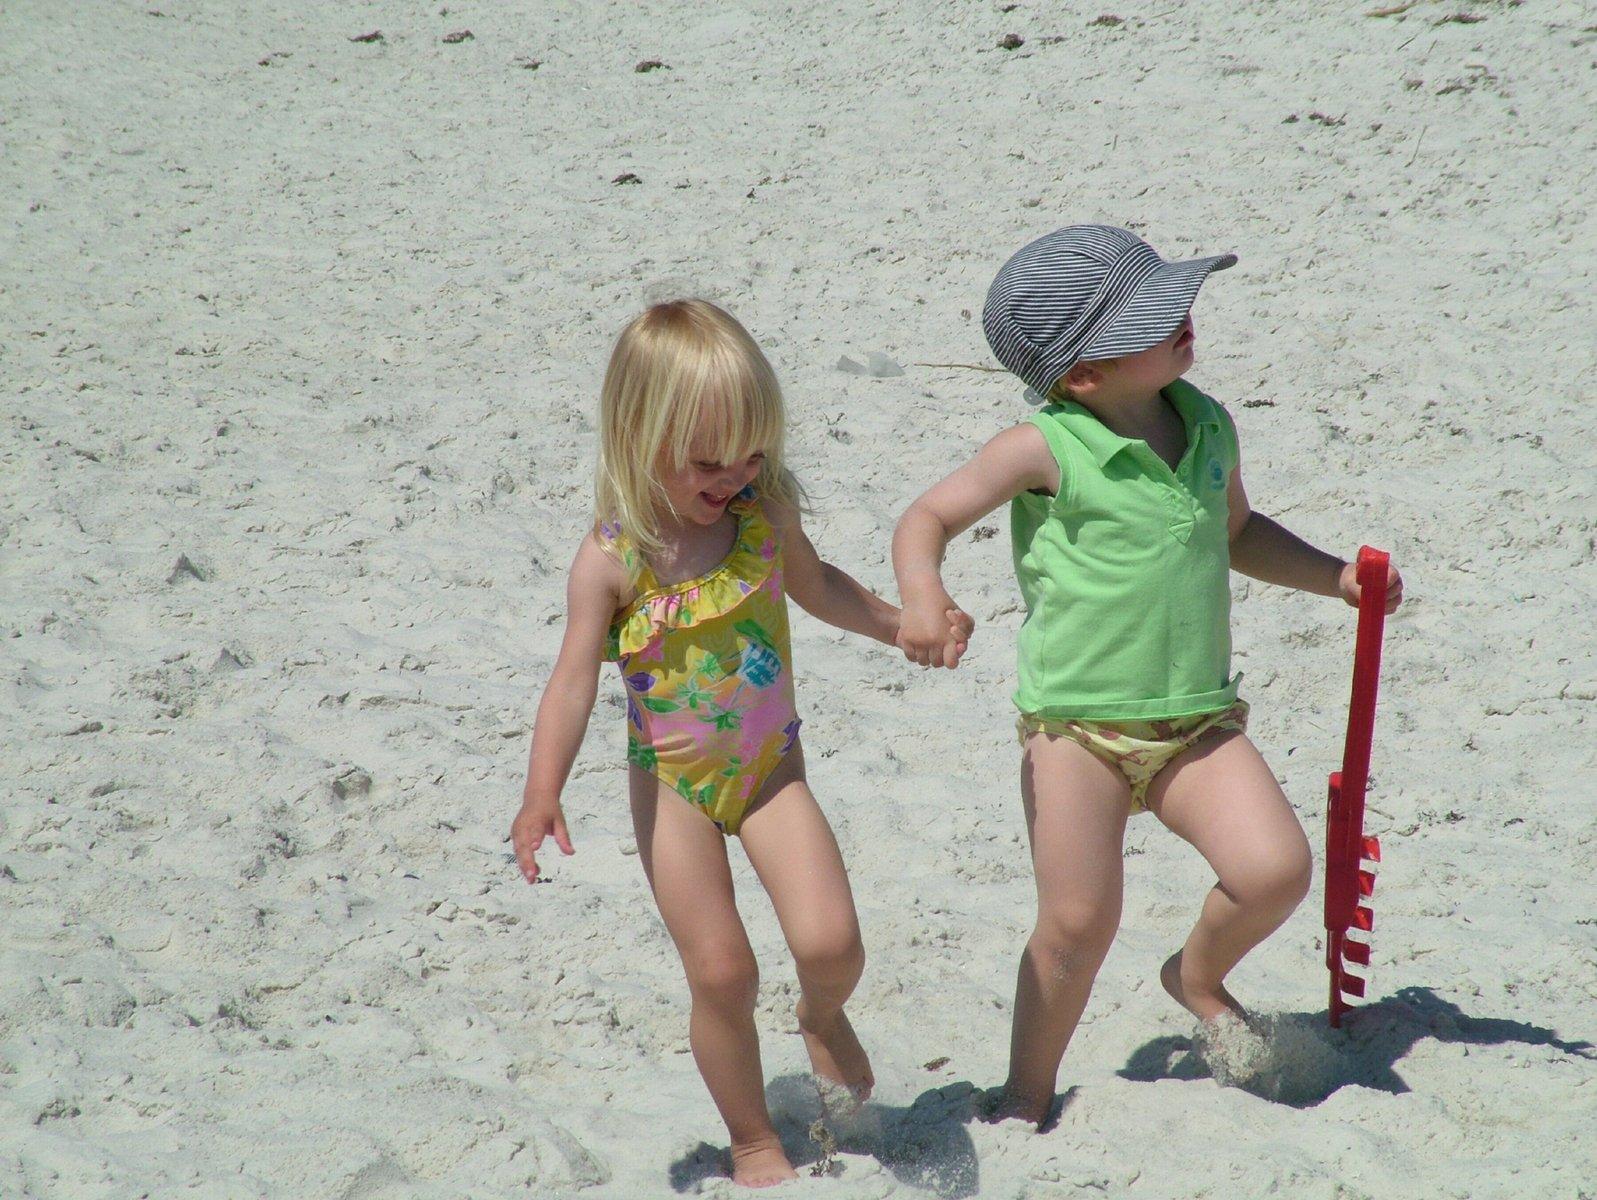 Смотреть раздевалку на пляже, Сборник скрытой камеры в женской раздевалке на пляже 18 фотография